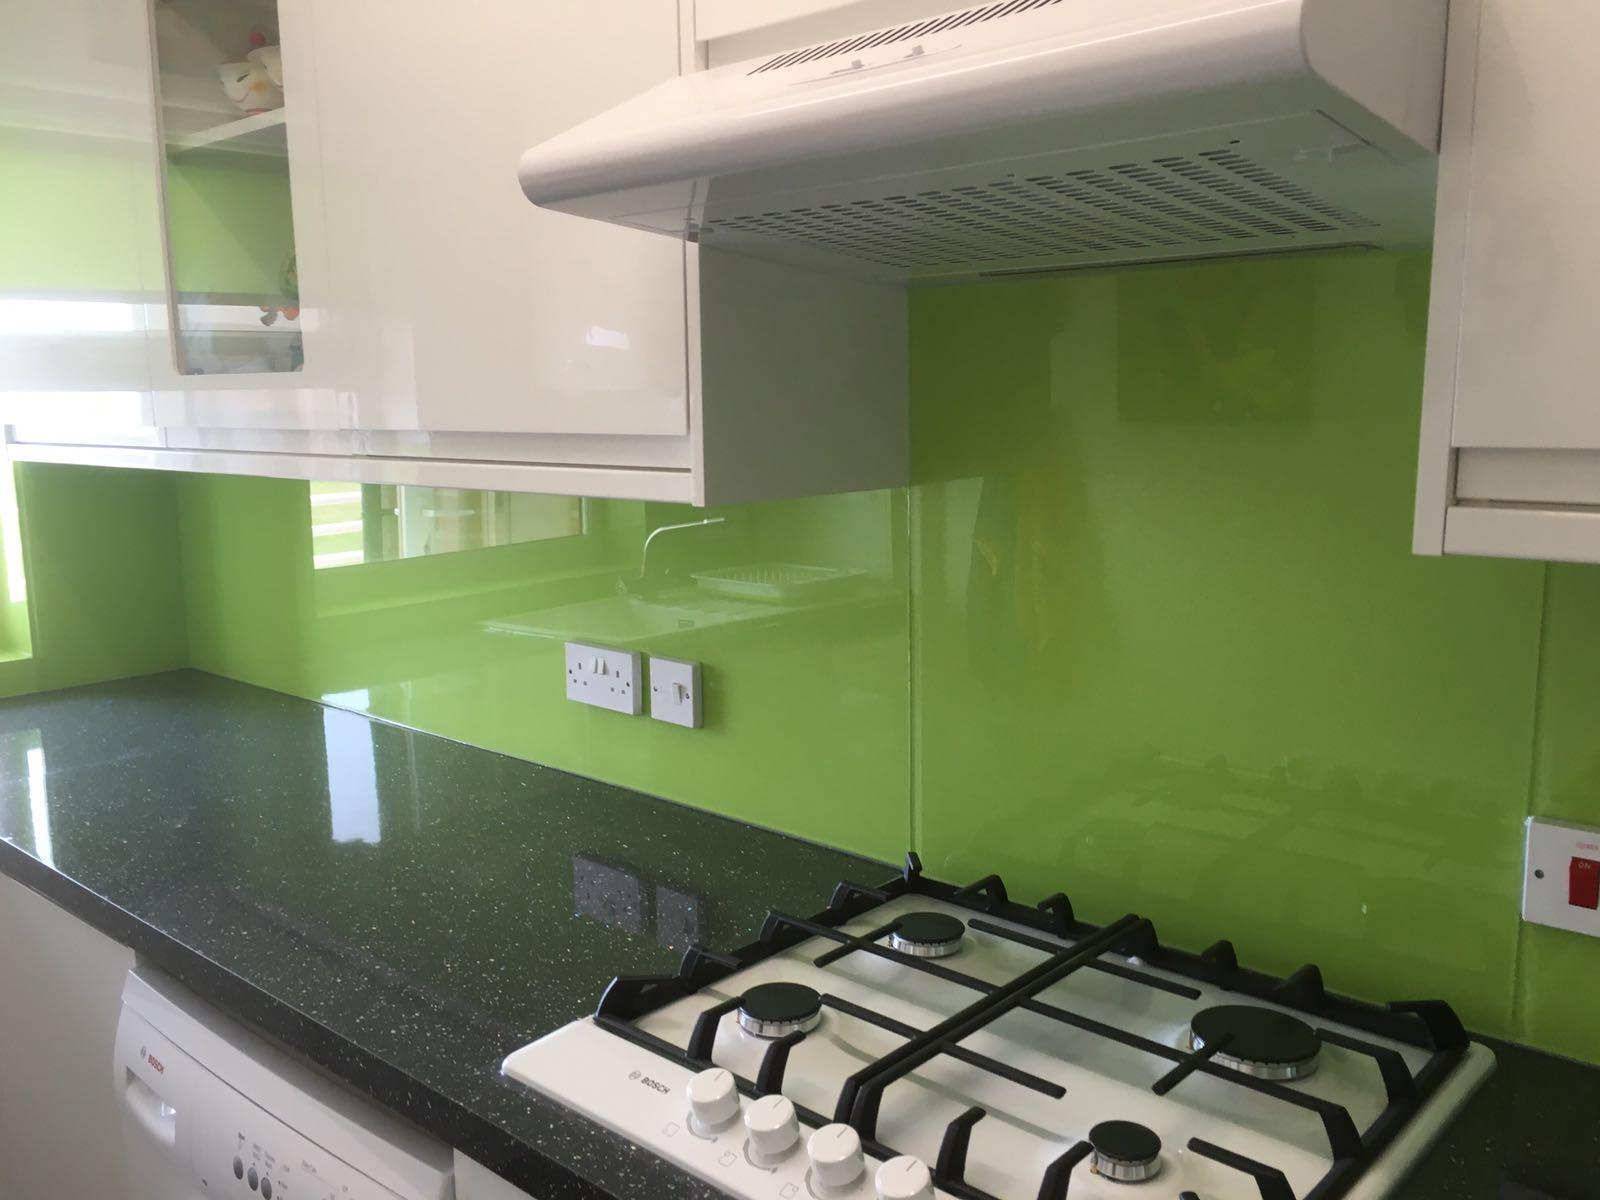 Green kitchen with black worktops